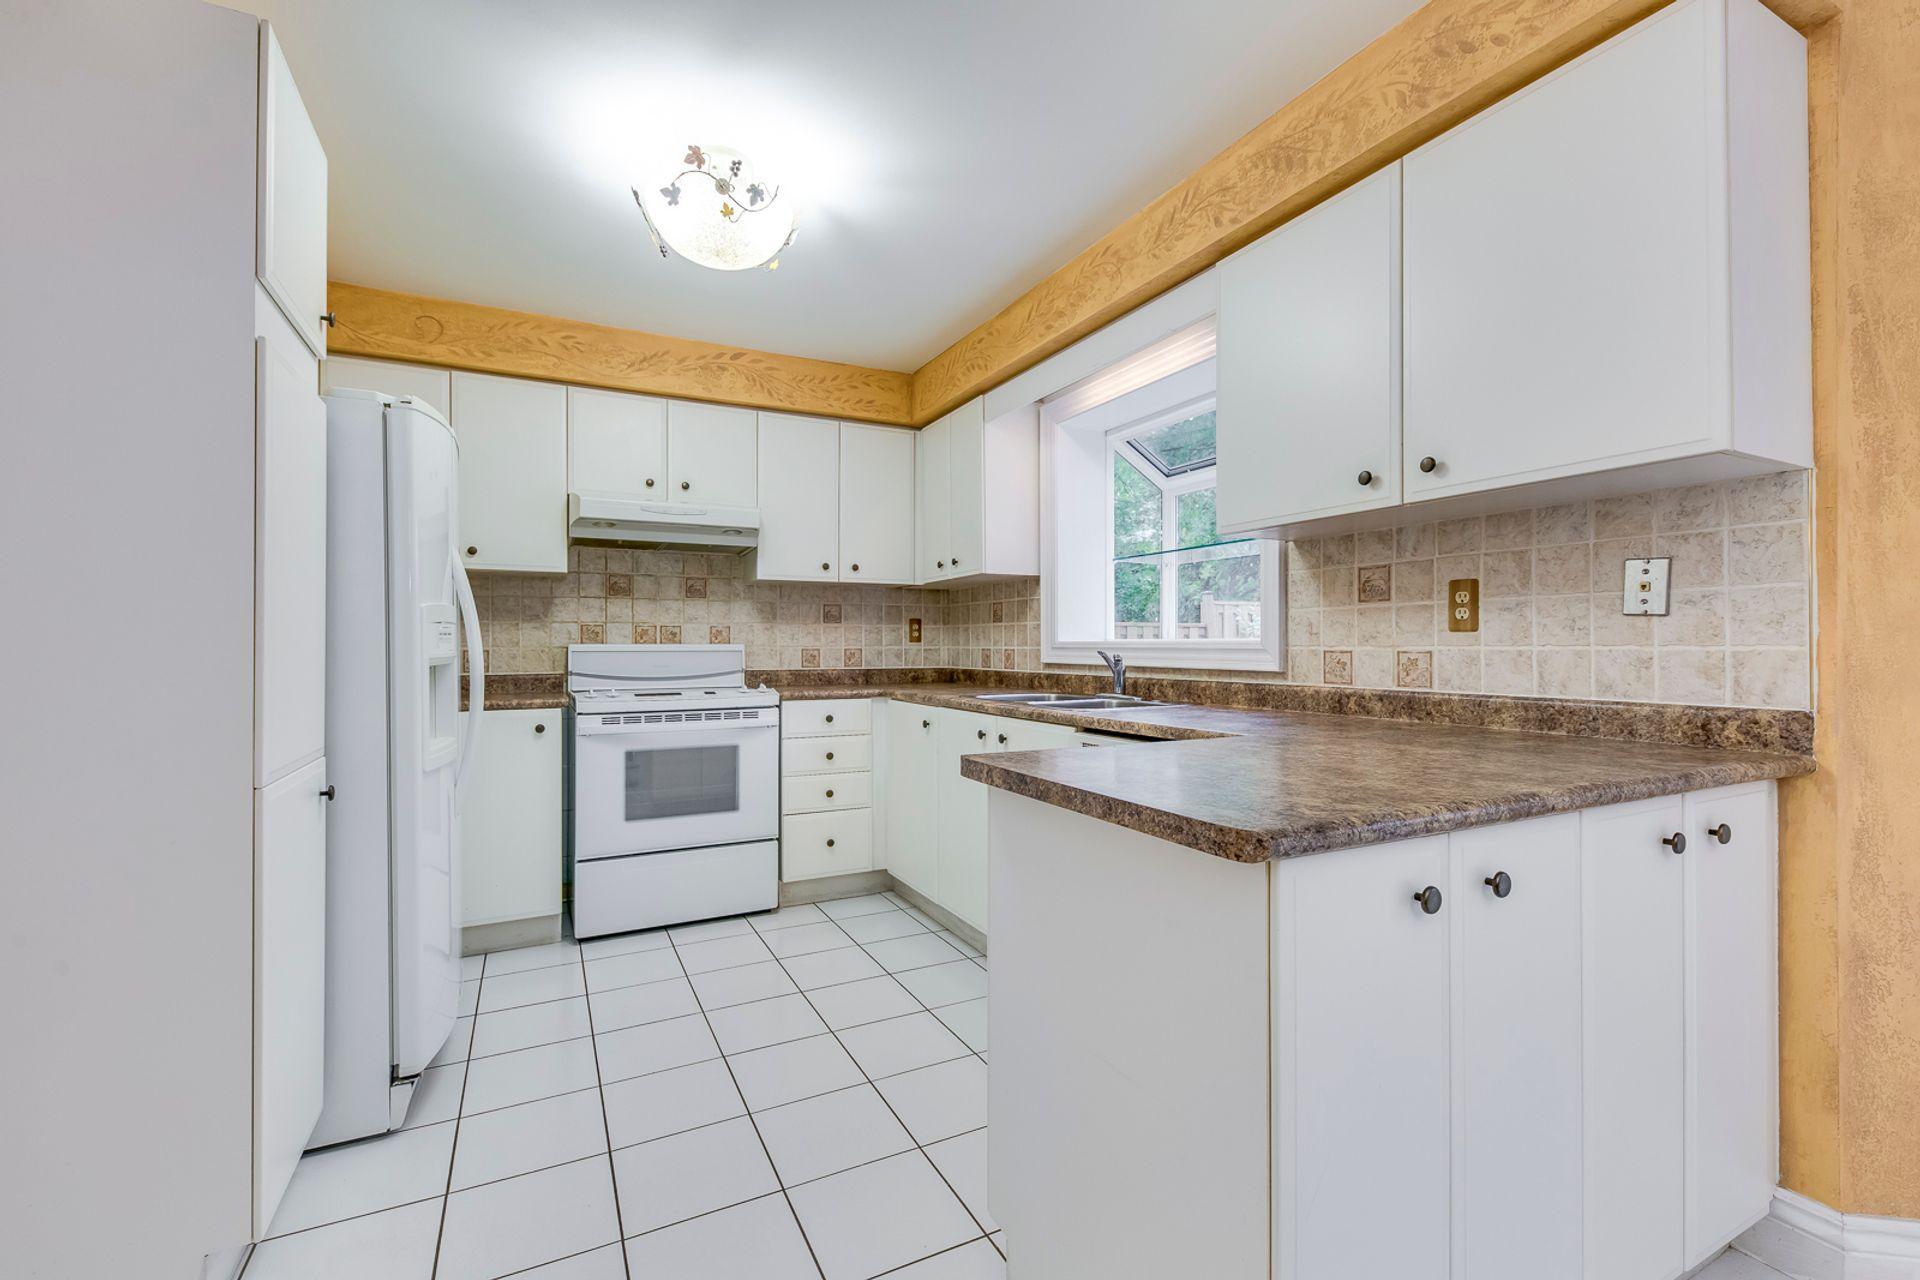 Kitchen - 1522 Estes Cres, Mississauga - Elite3 & Team at 1522 Estes Crescent, East Credit, Mississauga